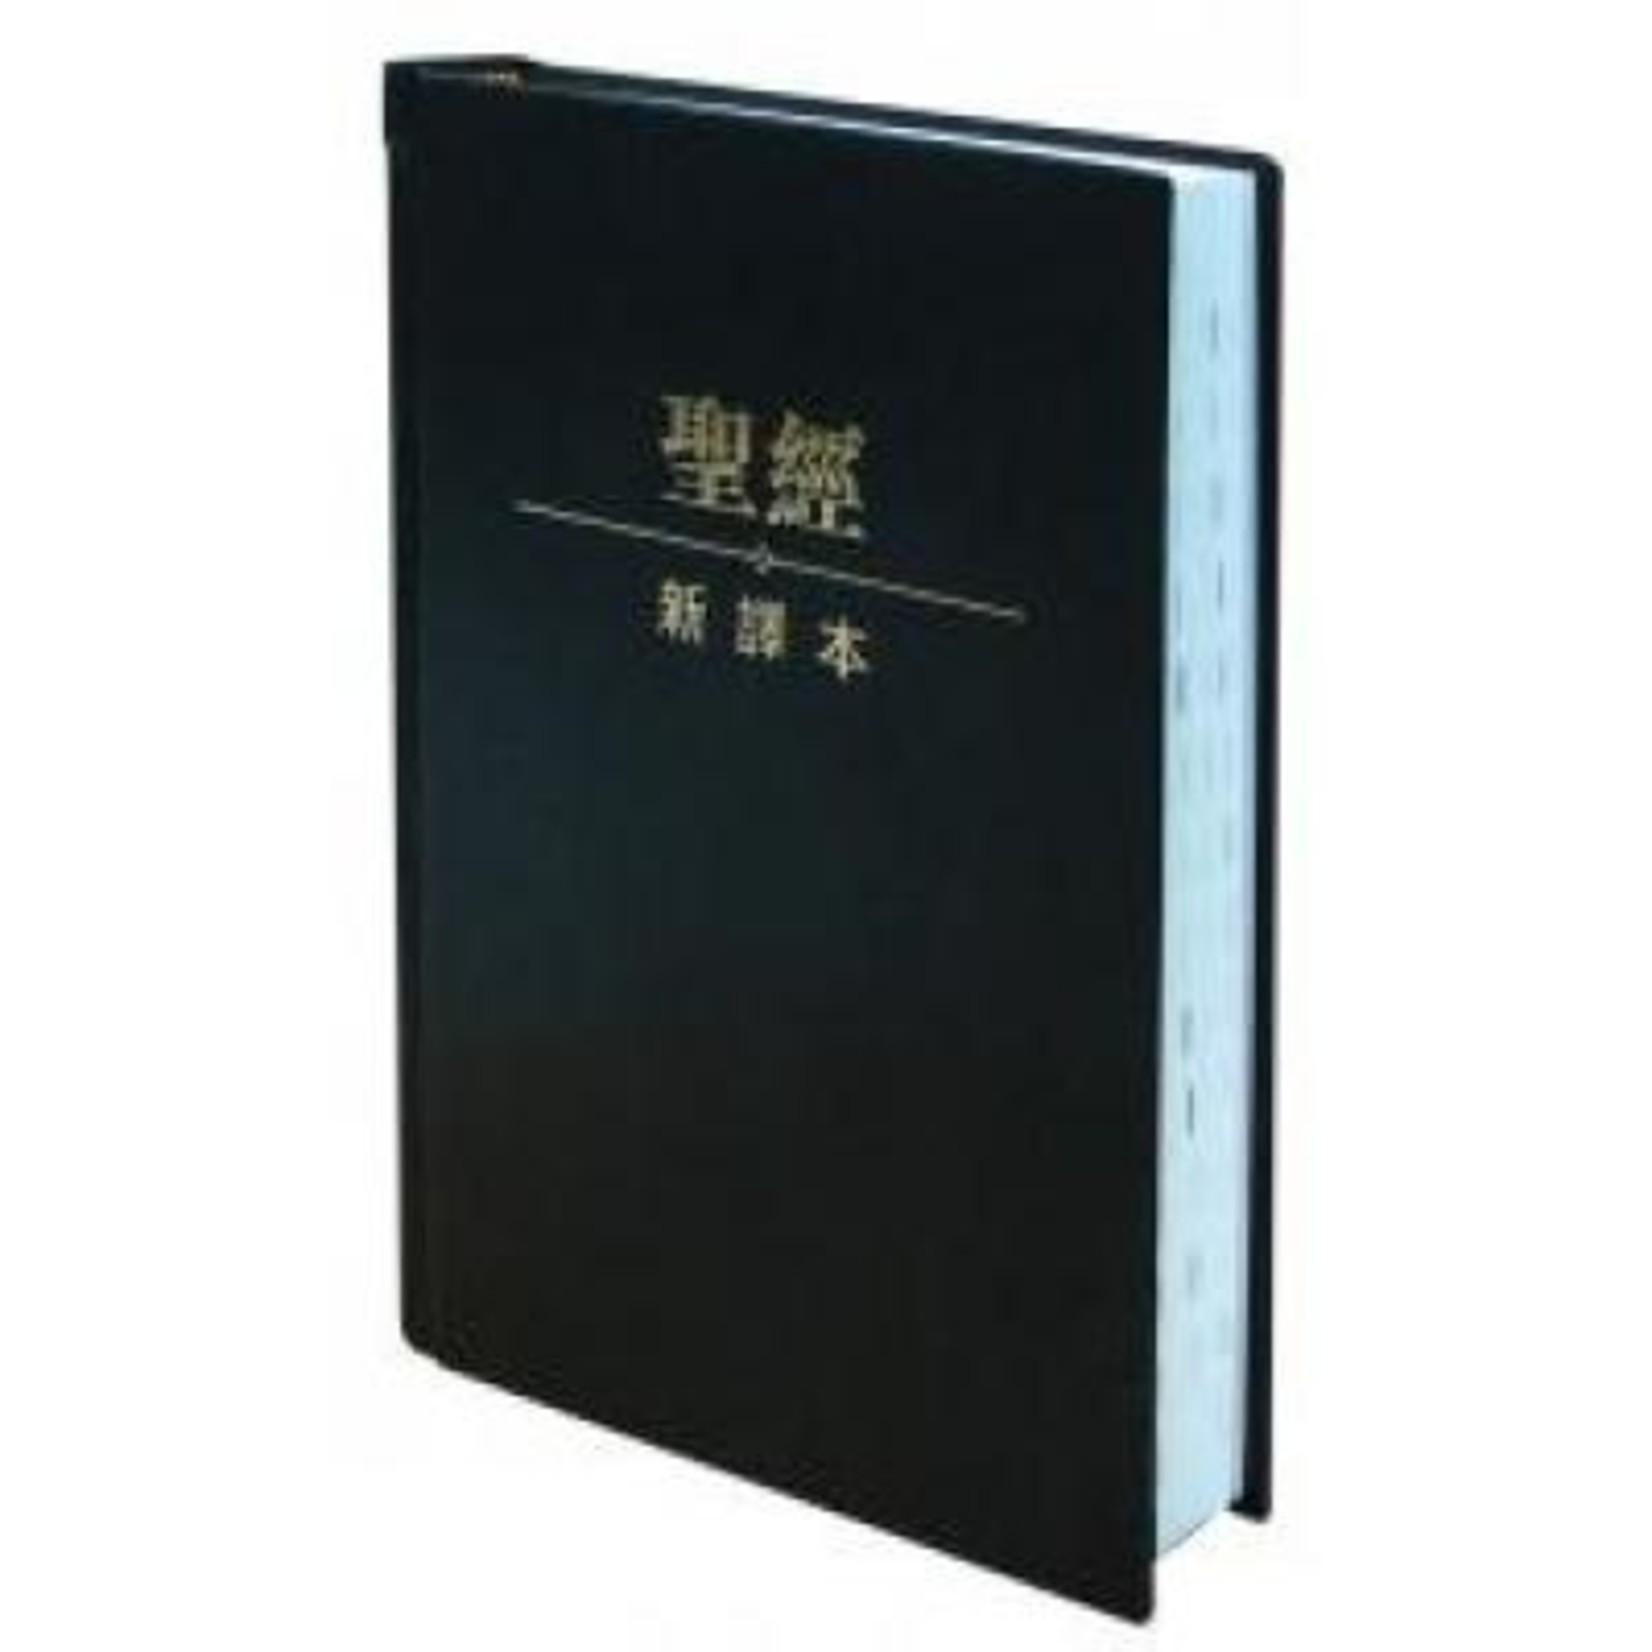 環球聖經公會 The Worldwide Bible Society 聖經新譯本.輕便裝.黑色精裝白邊.繁體 CNV Compact Size, Trad. , Navy Blue Hardback Cover, White Edge